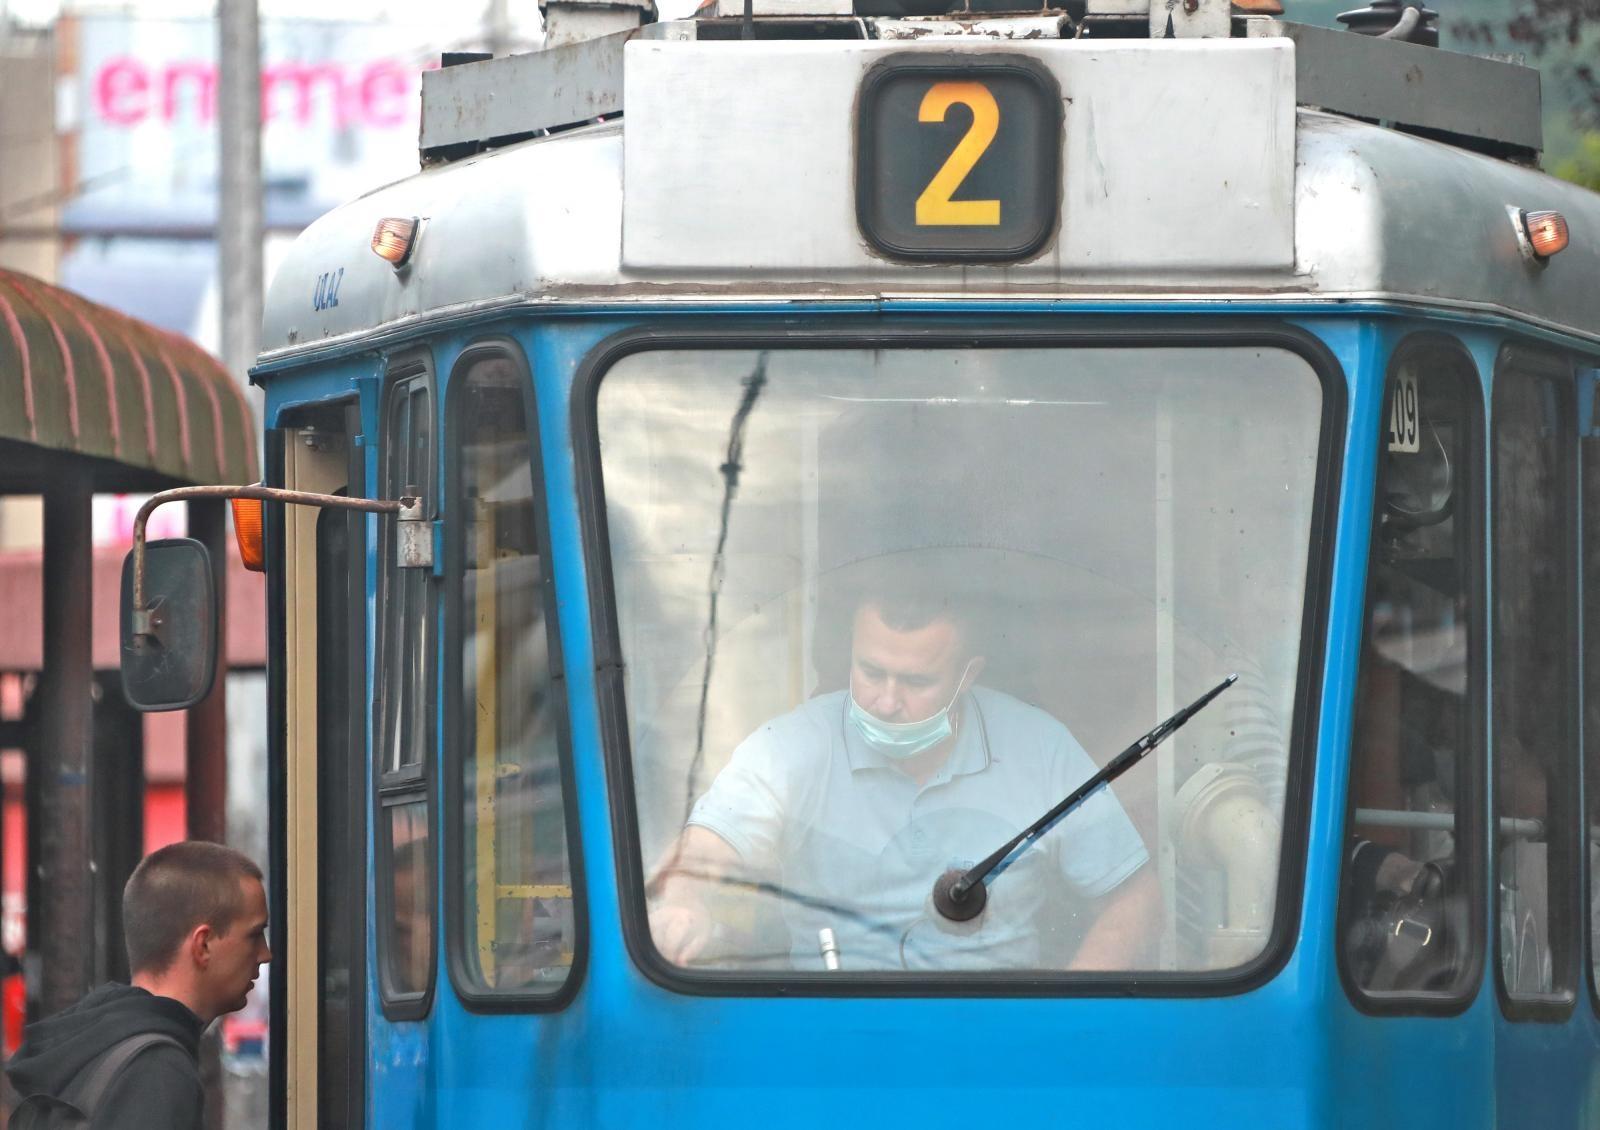 """""""Vozač u javnom prijevozu ne smije pokrenuti vozilo ako svi u njemu nemaju maske"""", rekao je."""